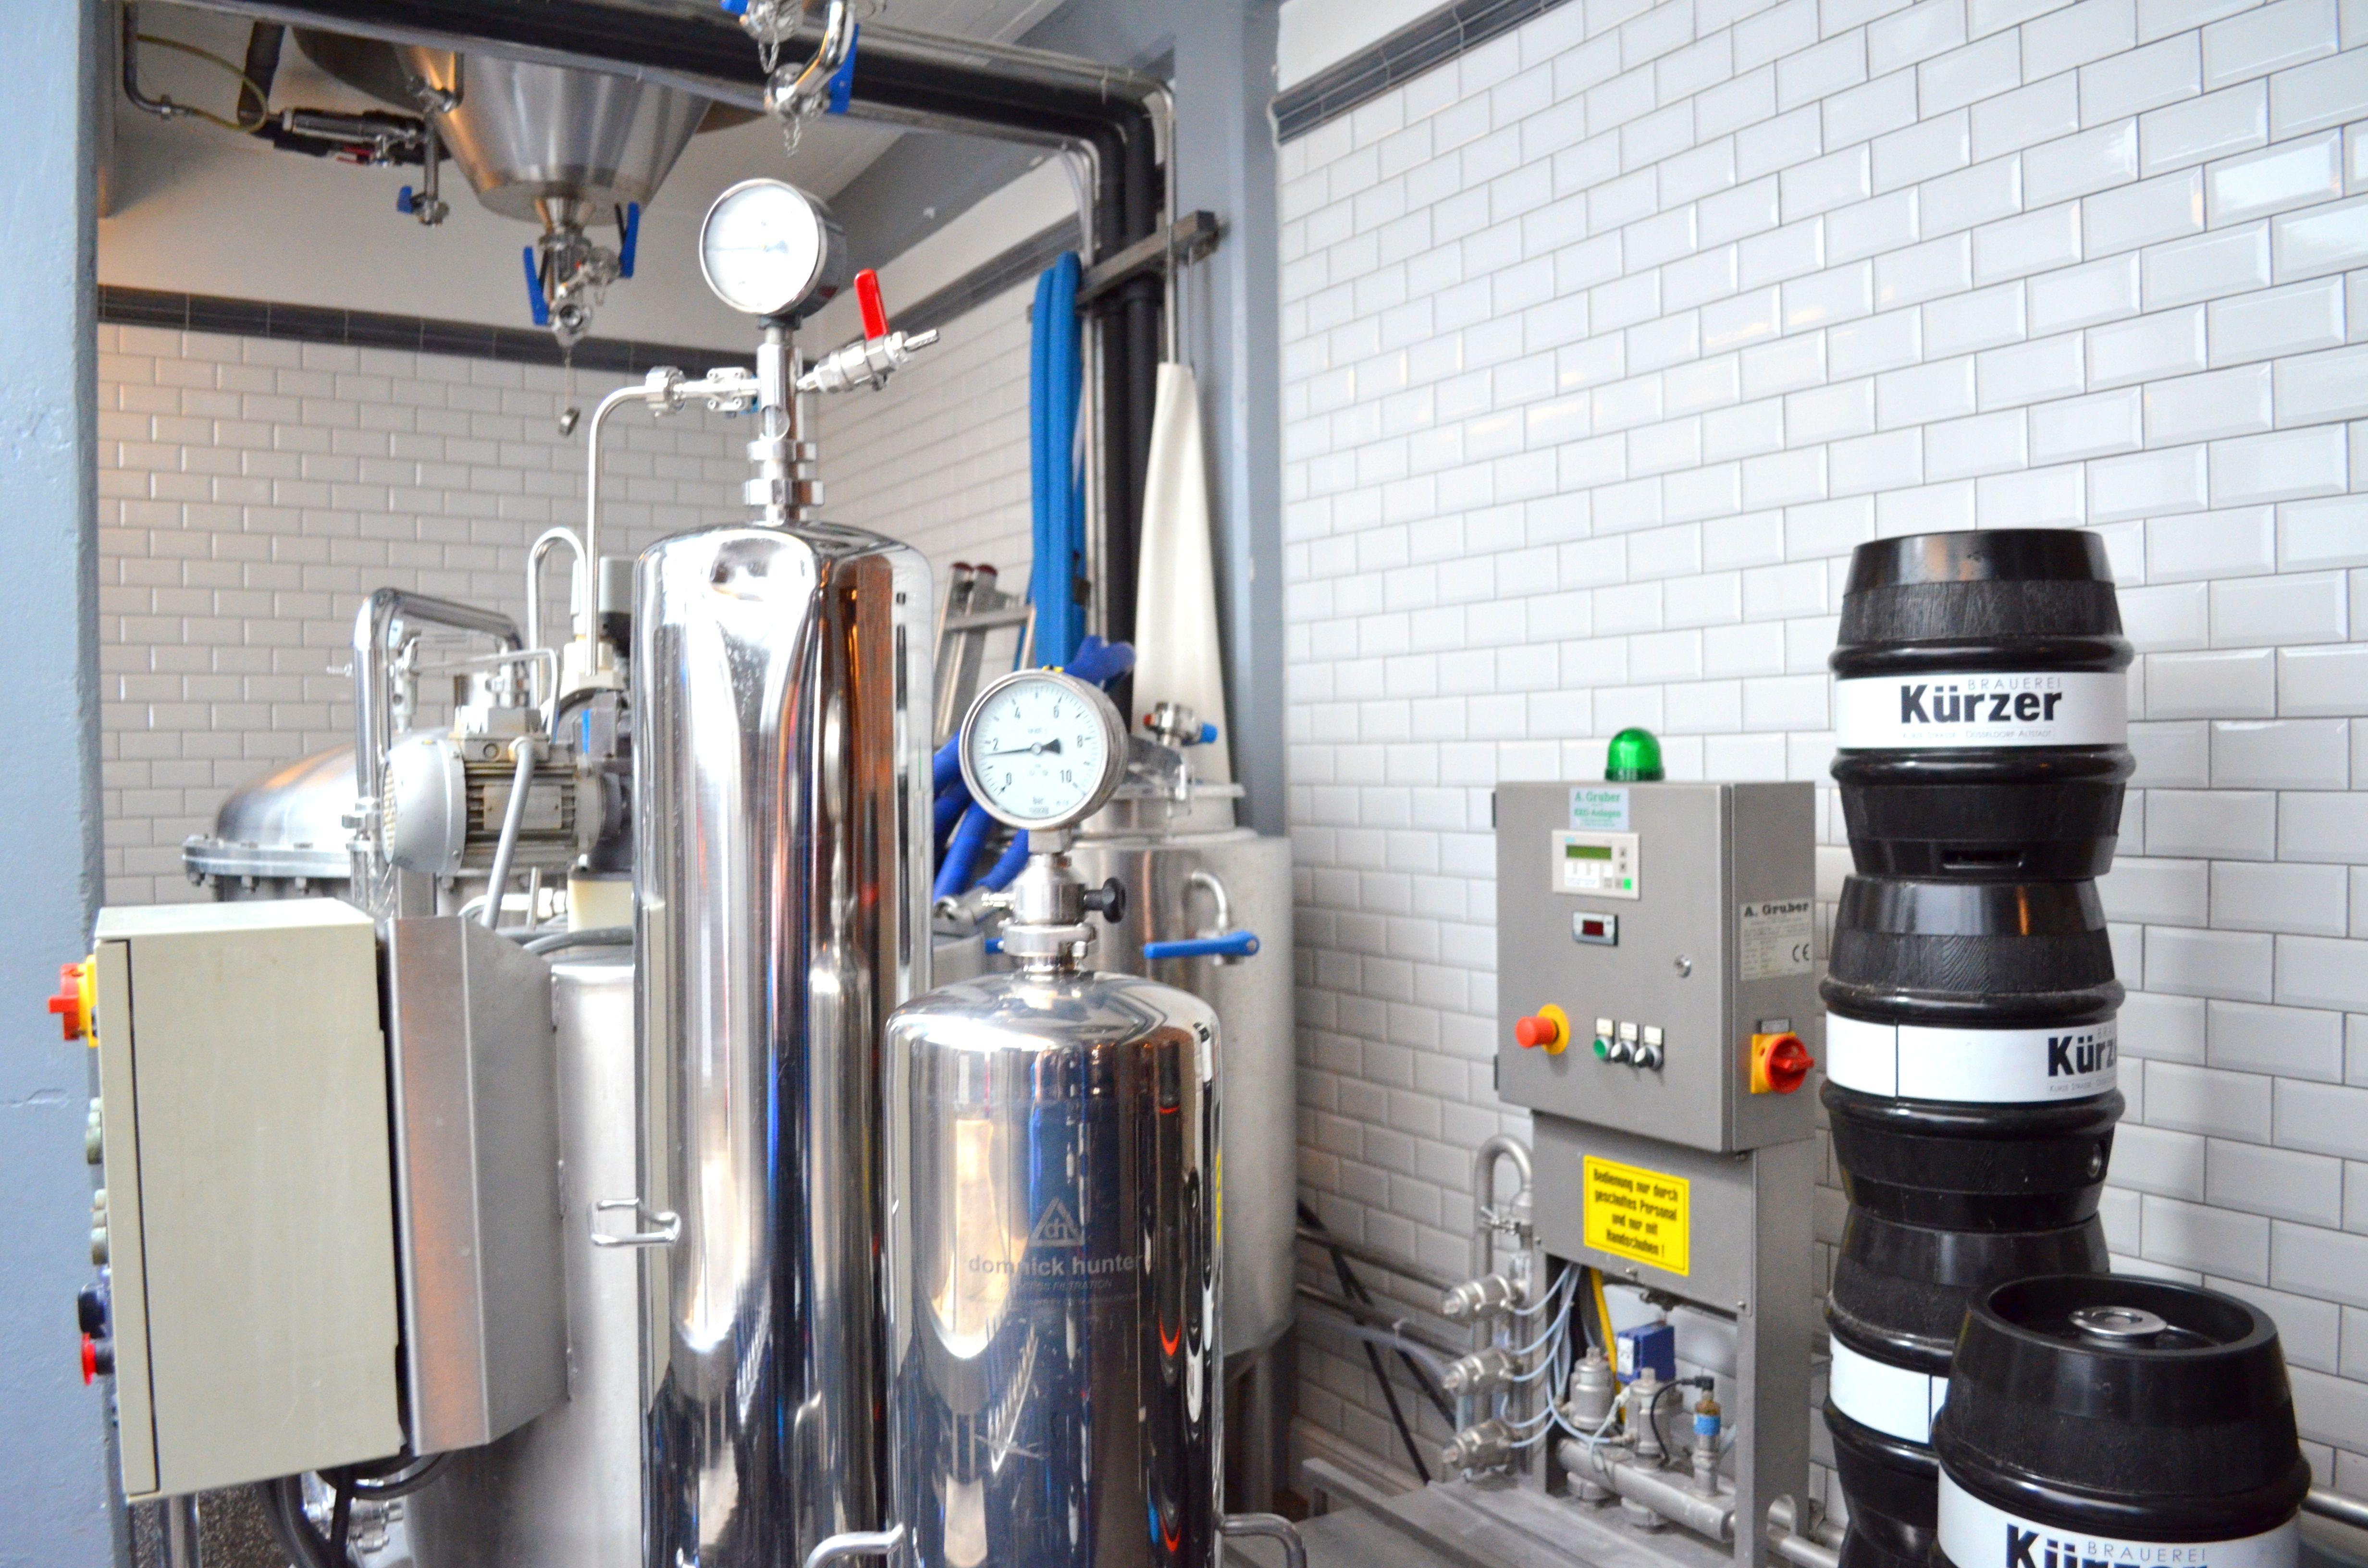 Fabricación de la altbier en la misma cervecería Kürzer de Düsseldorf